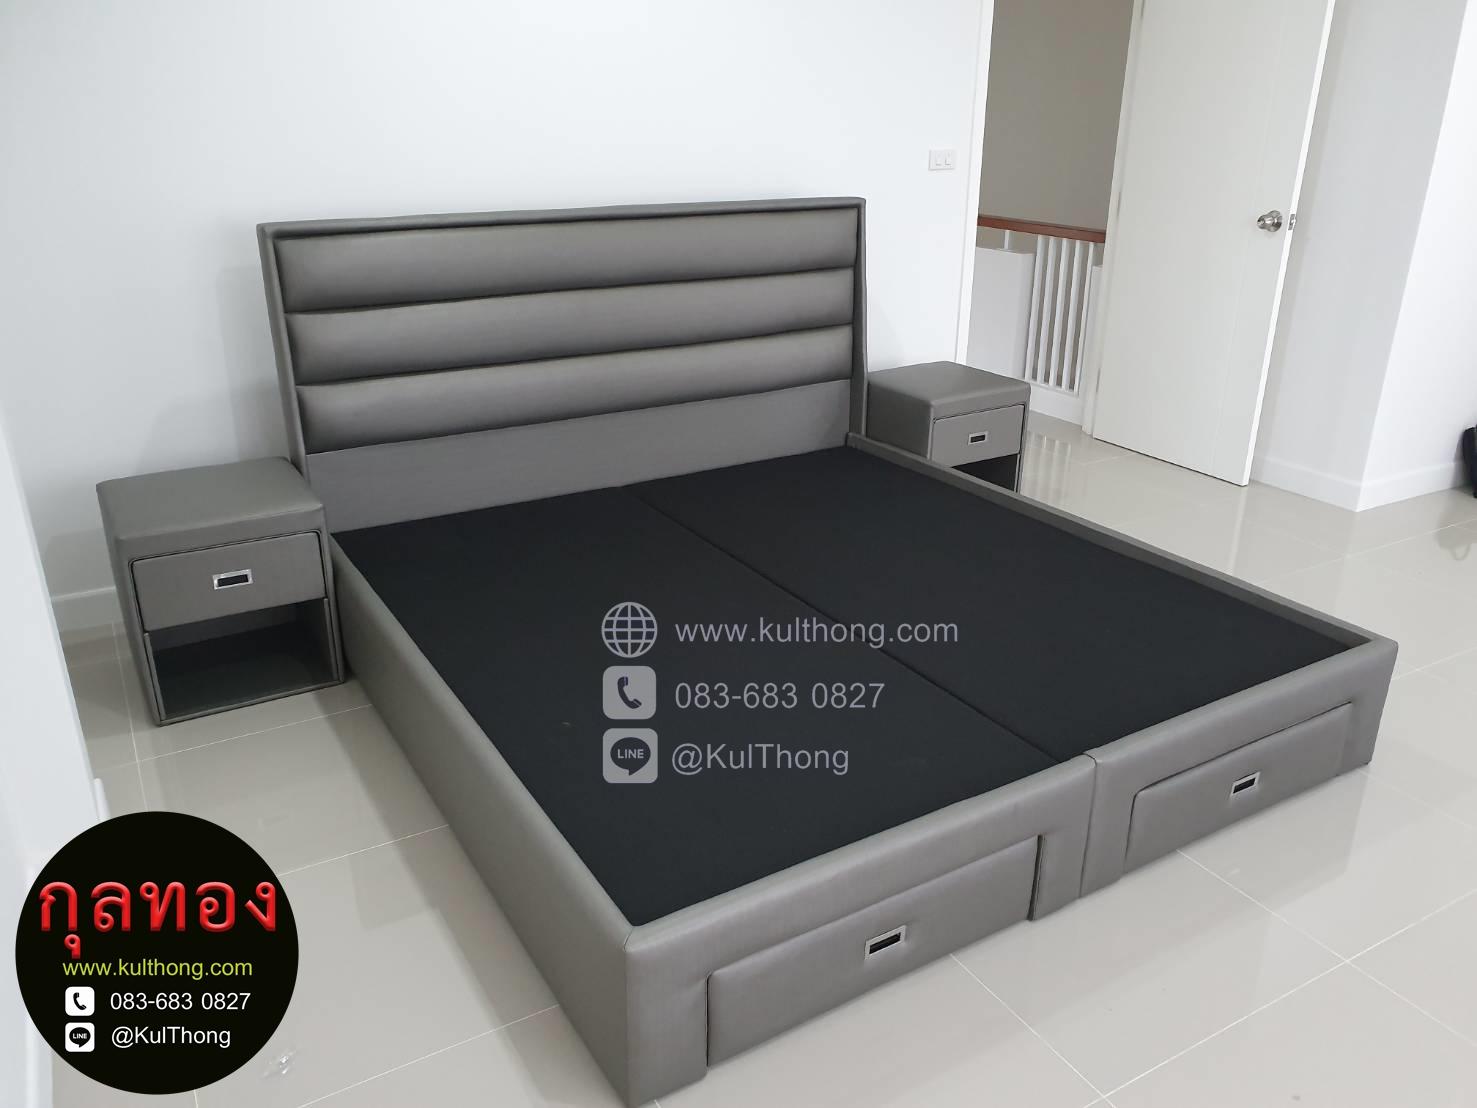 เตียงลิ้นชัก เตียงเก็บของ เตียงมีลิ้นชัก เตียงหุ้มหนังมีหัวเตียง